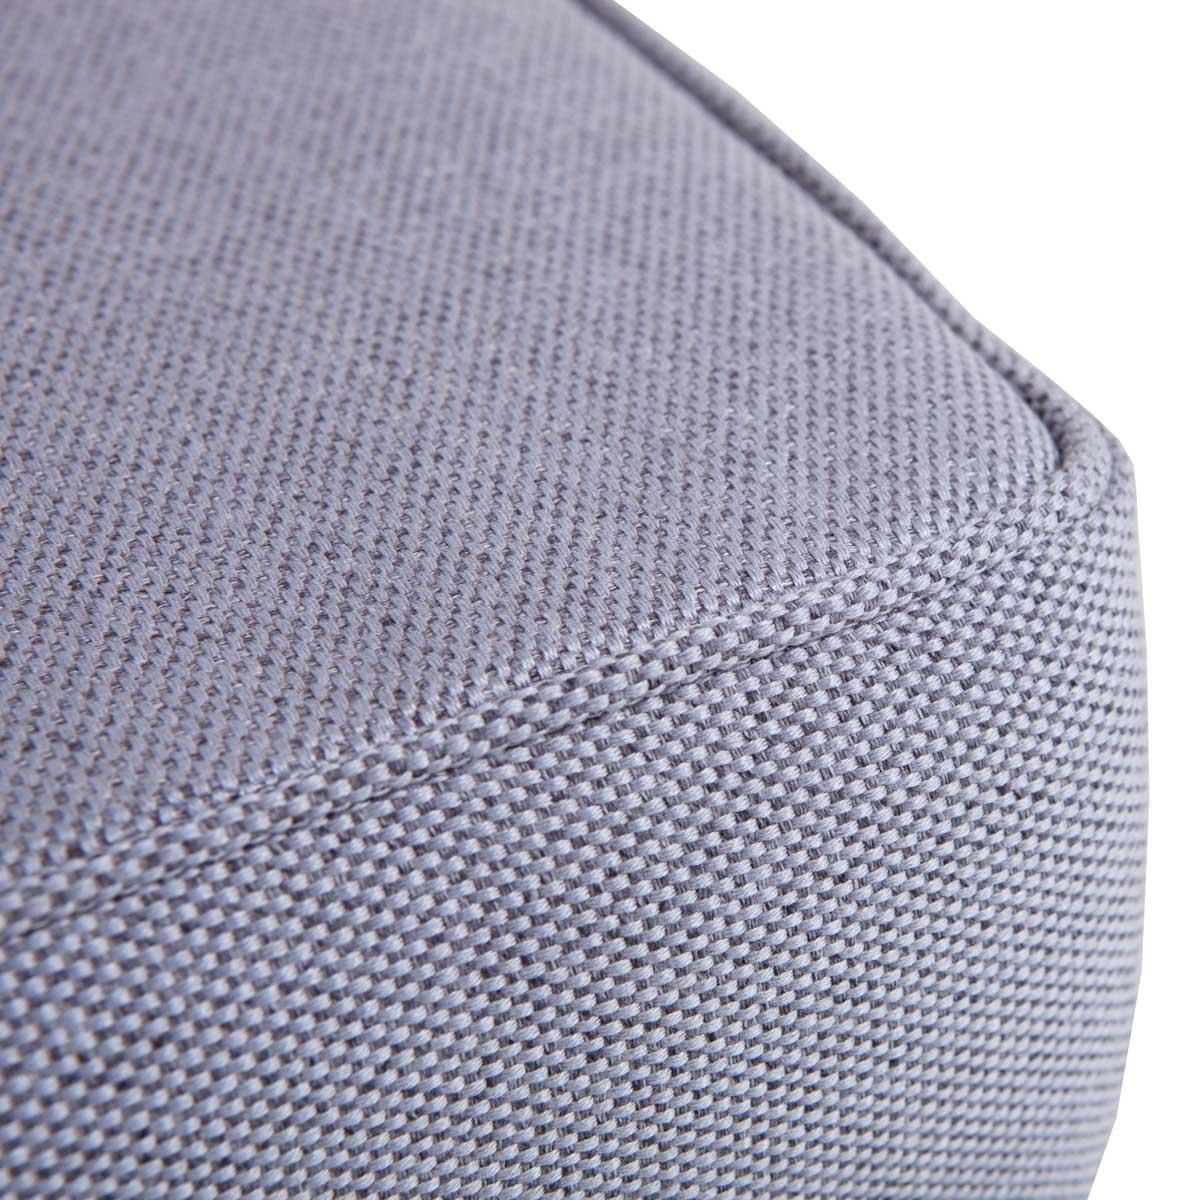 Loungekussen premium zit en rug 73x73 carré Outdoor